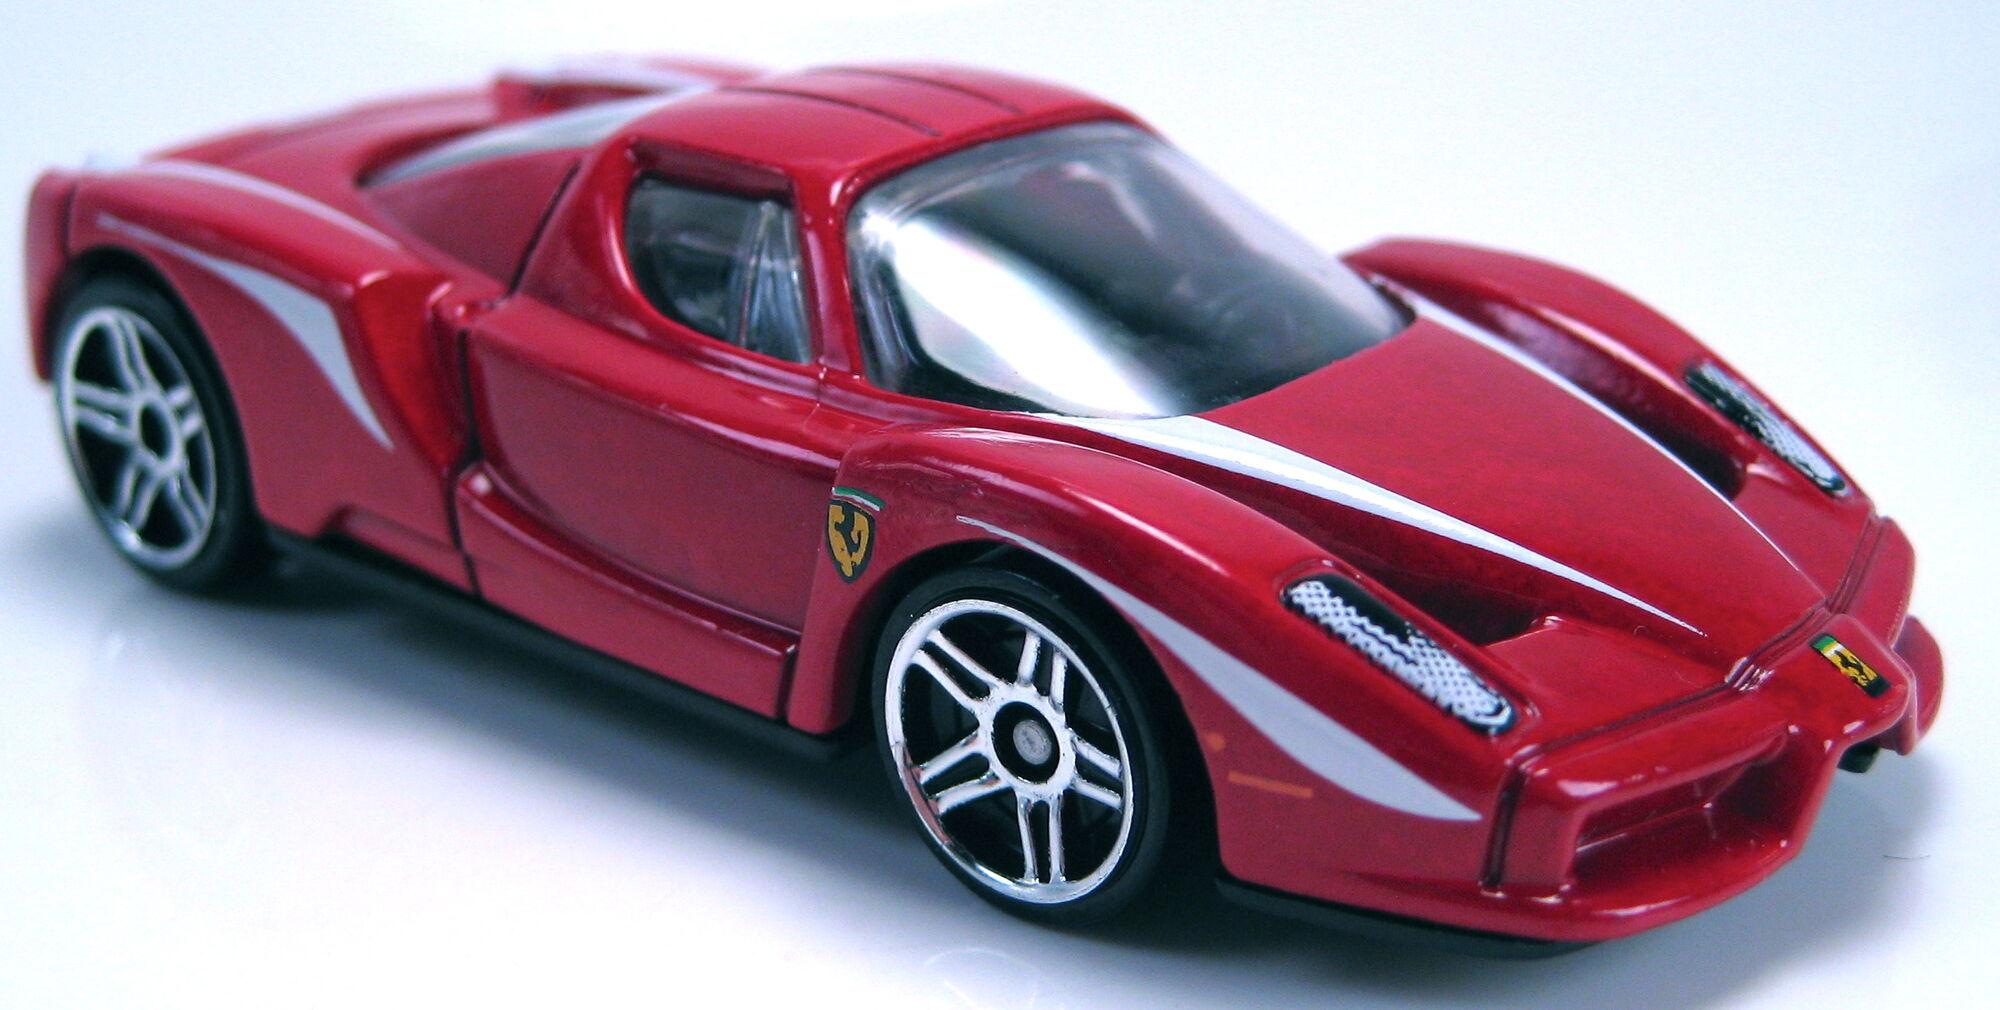 image ferrari enzo red 2013 hw showroomjpg hot wheels wiki fandom powered by wikia - Ferrari Enzo 2013 White